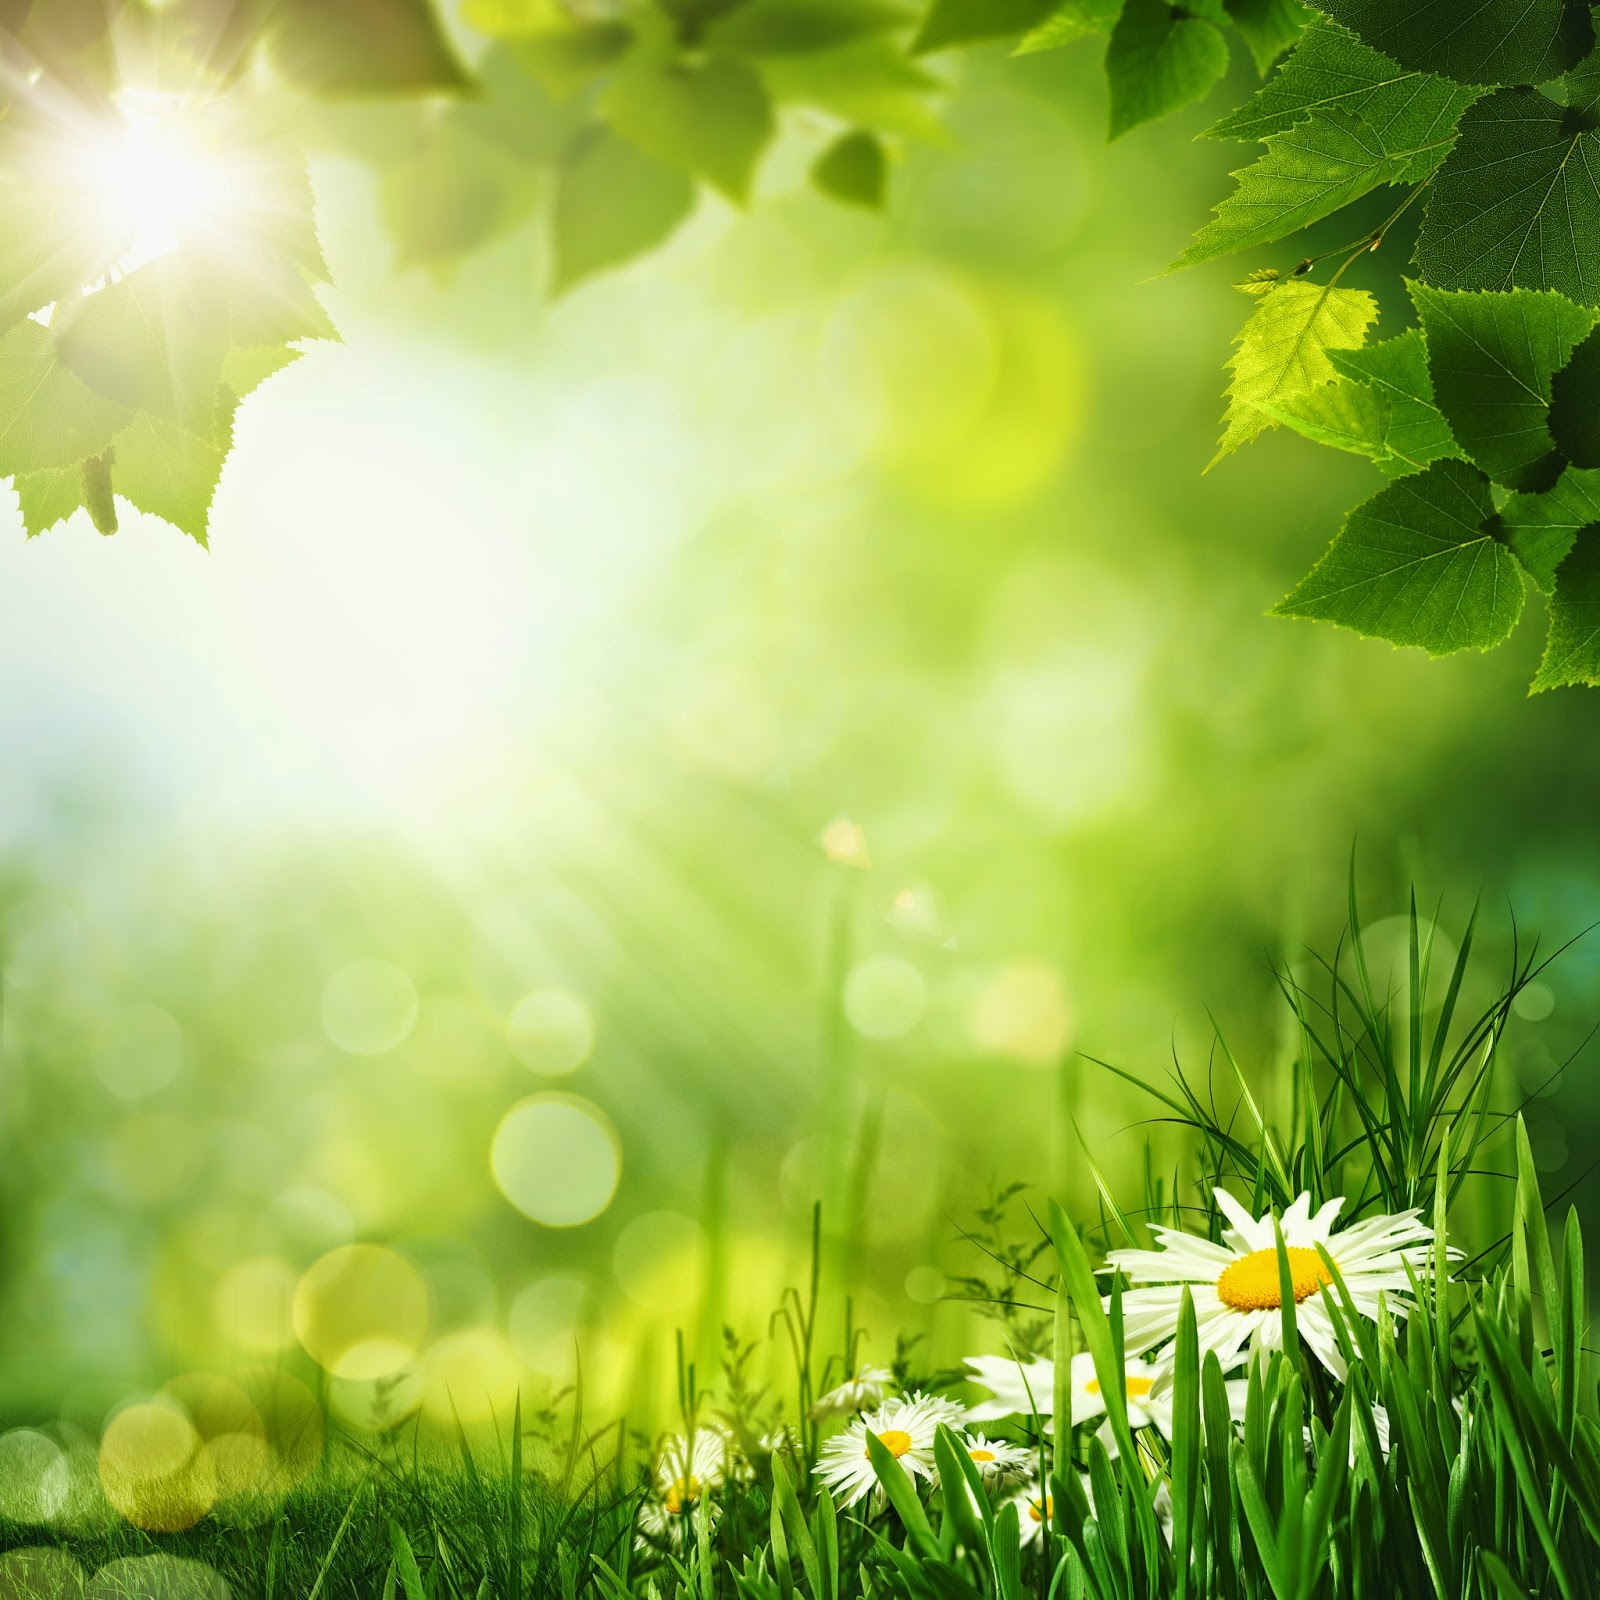 Imagenes fotograficas imagenes bonitas de flores para for Fondos para tablet